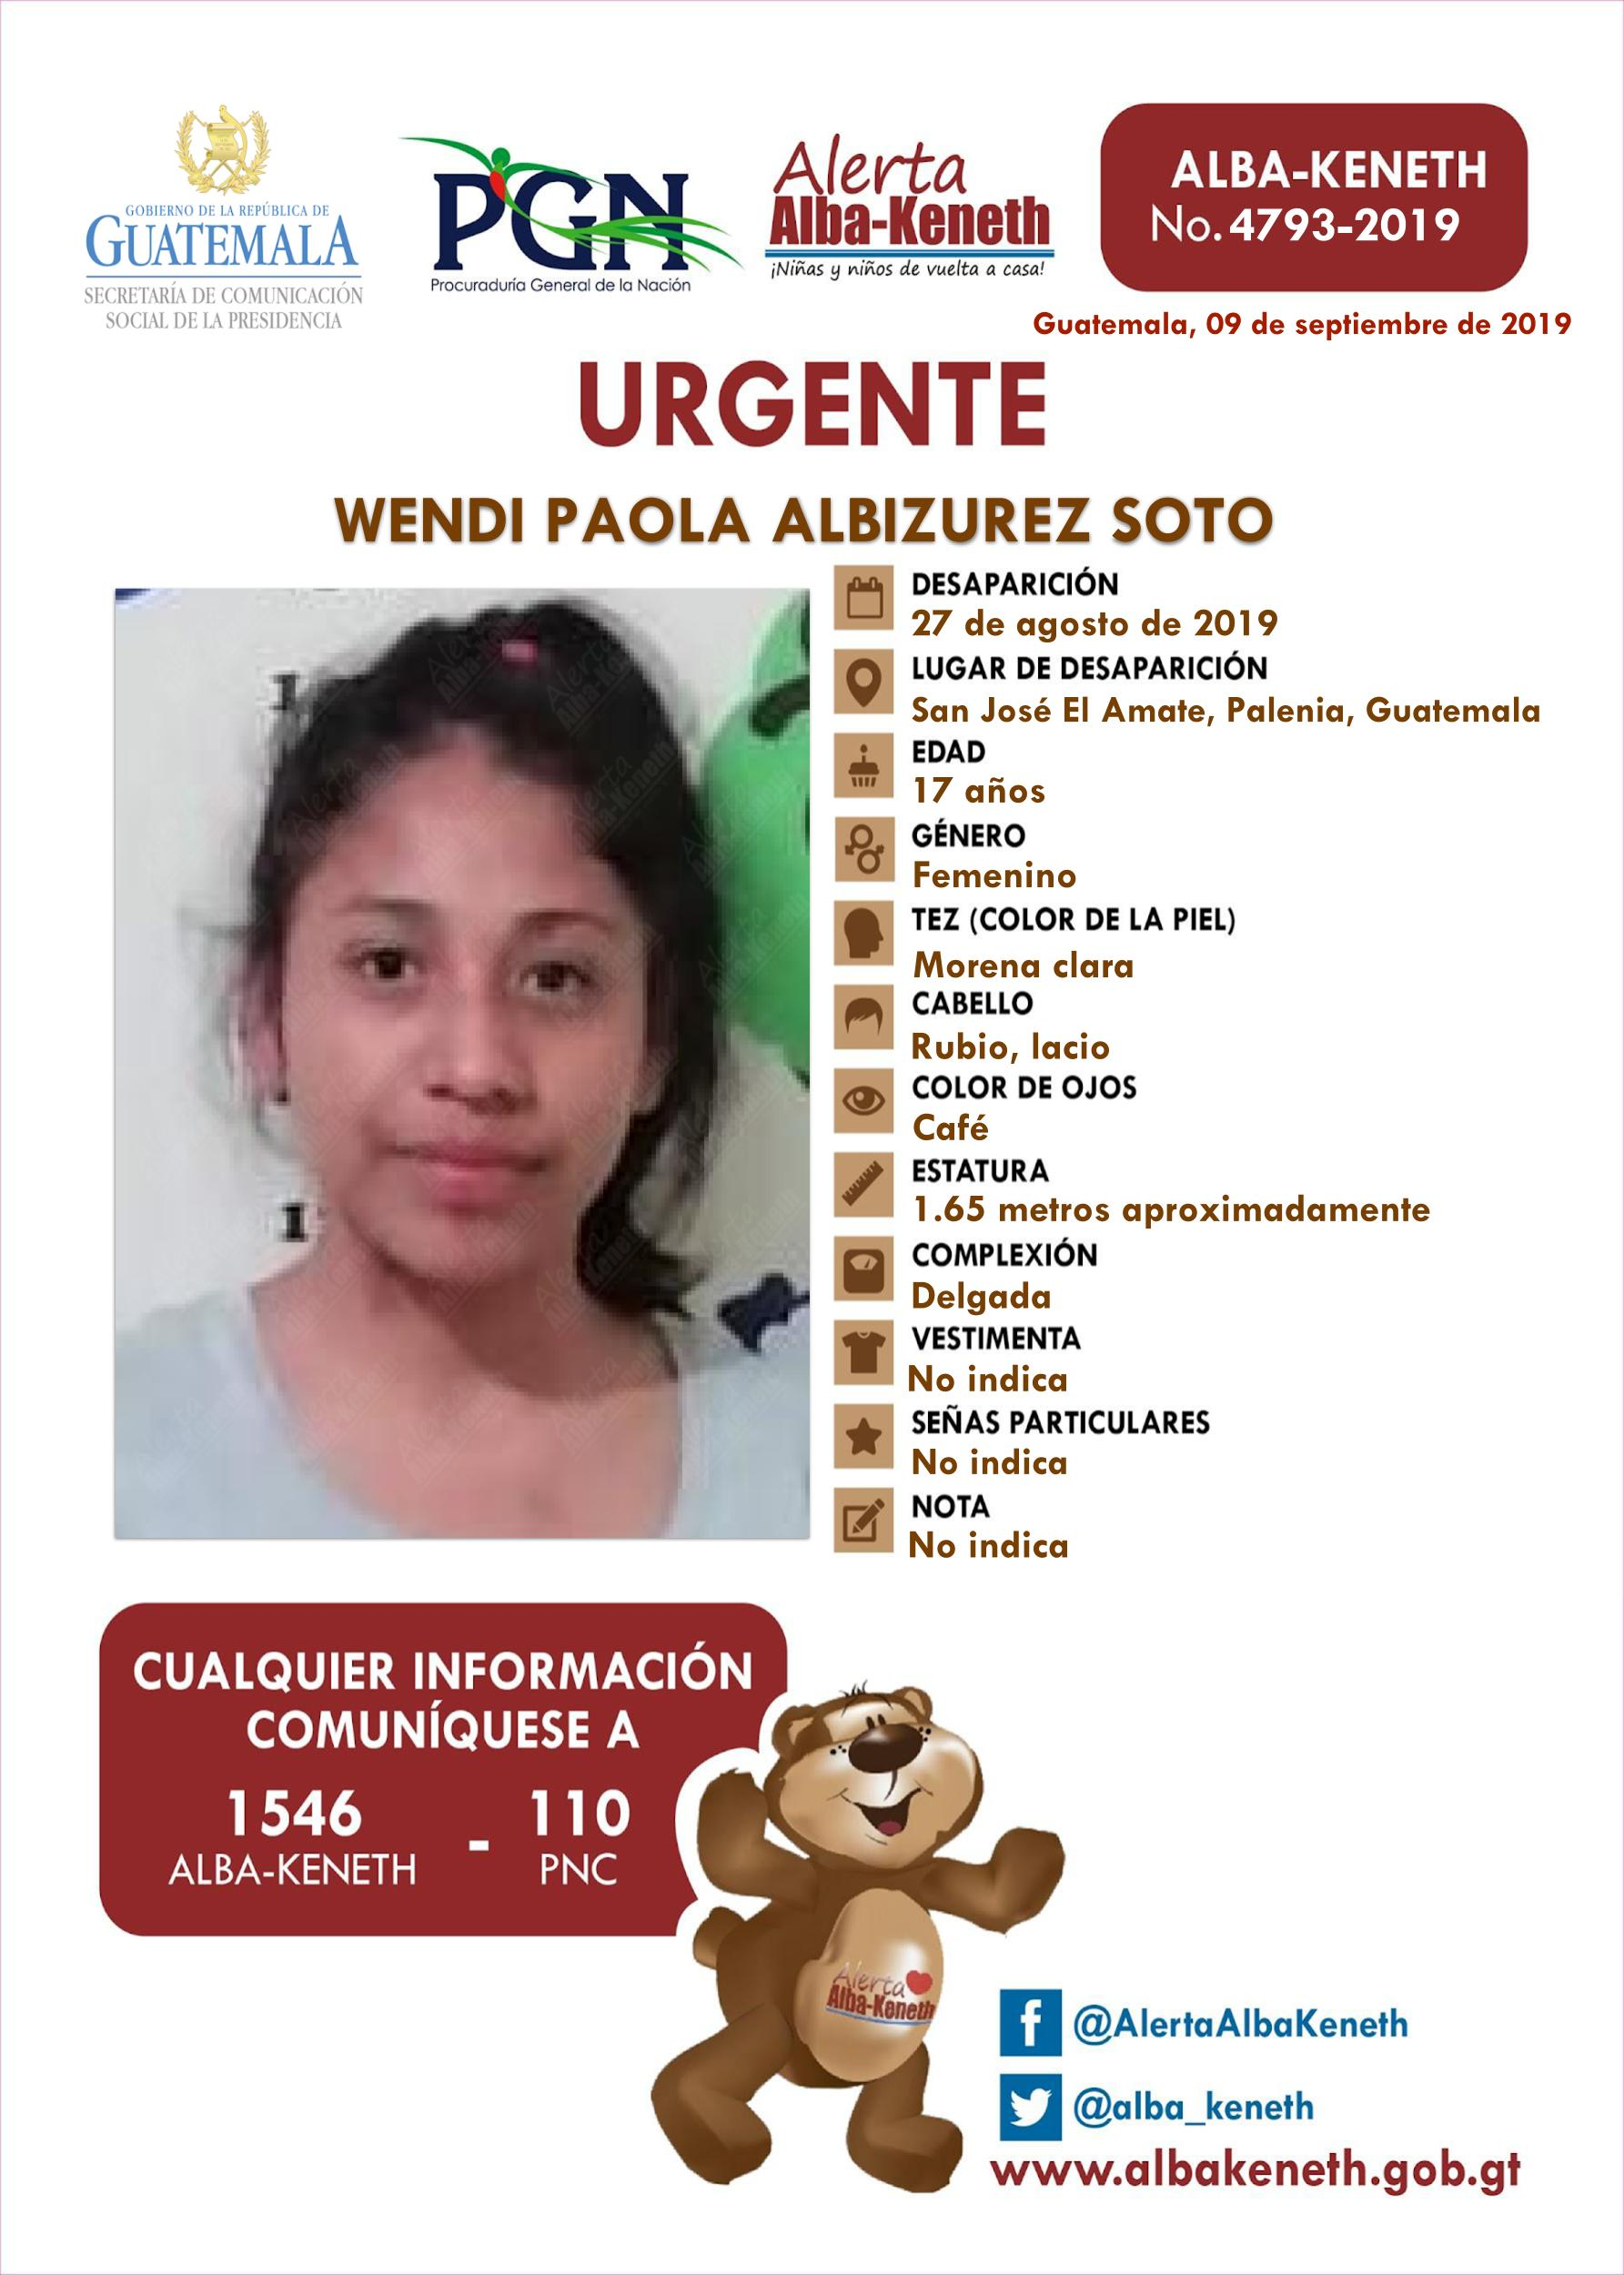 Wendi Paola Albizurez Soto